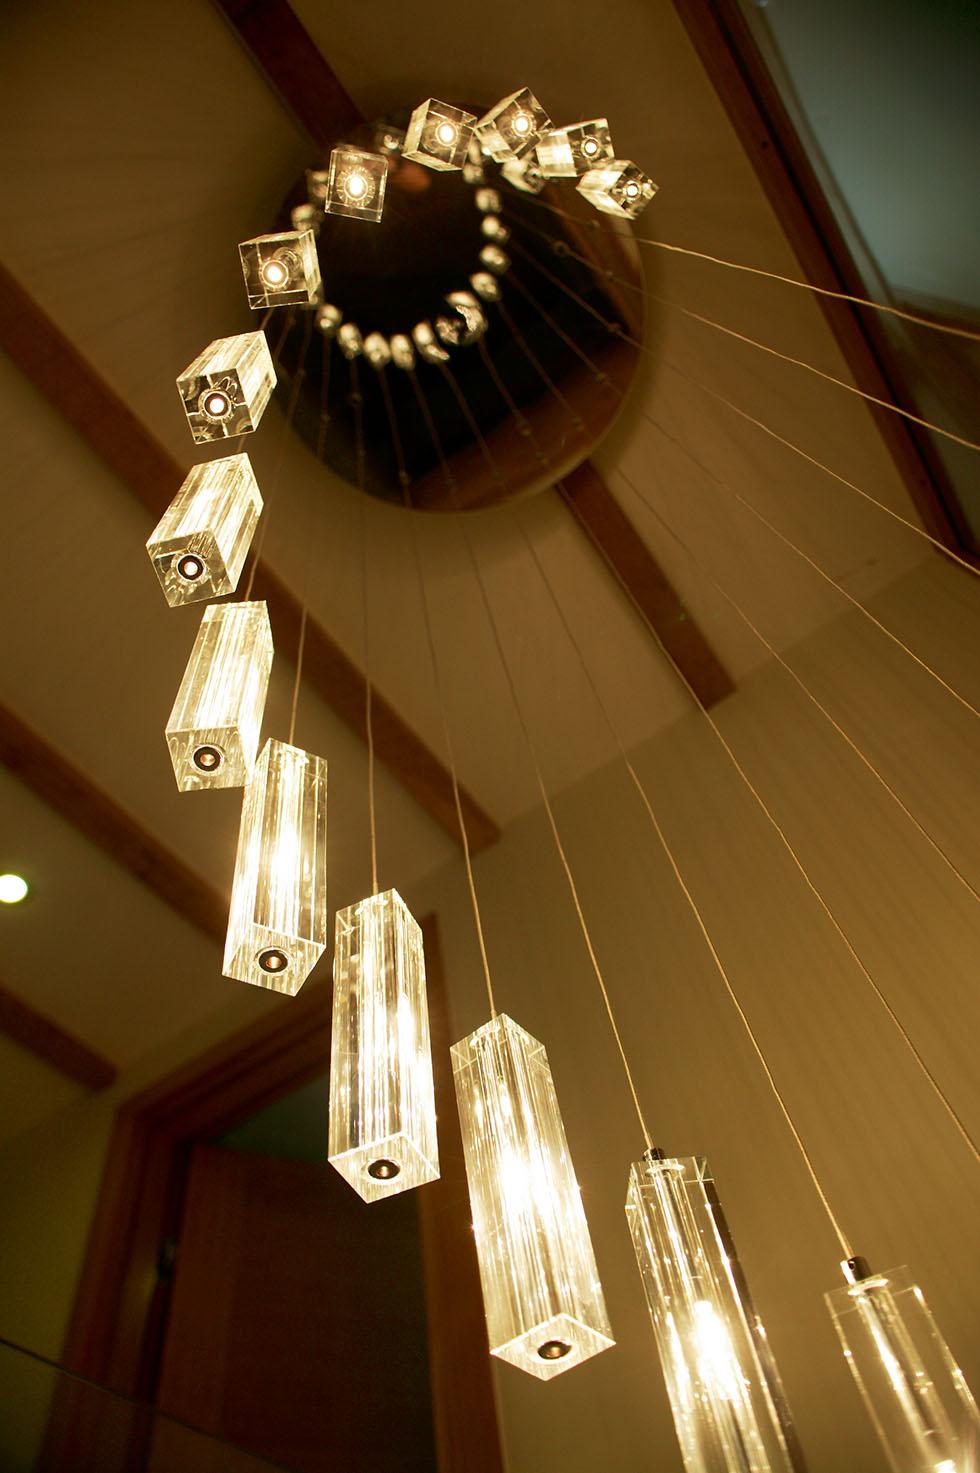 blain-bakehouse-lighting